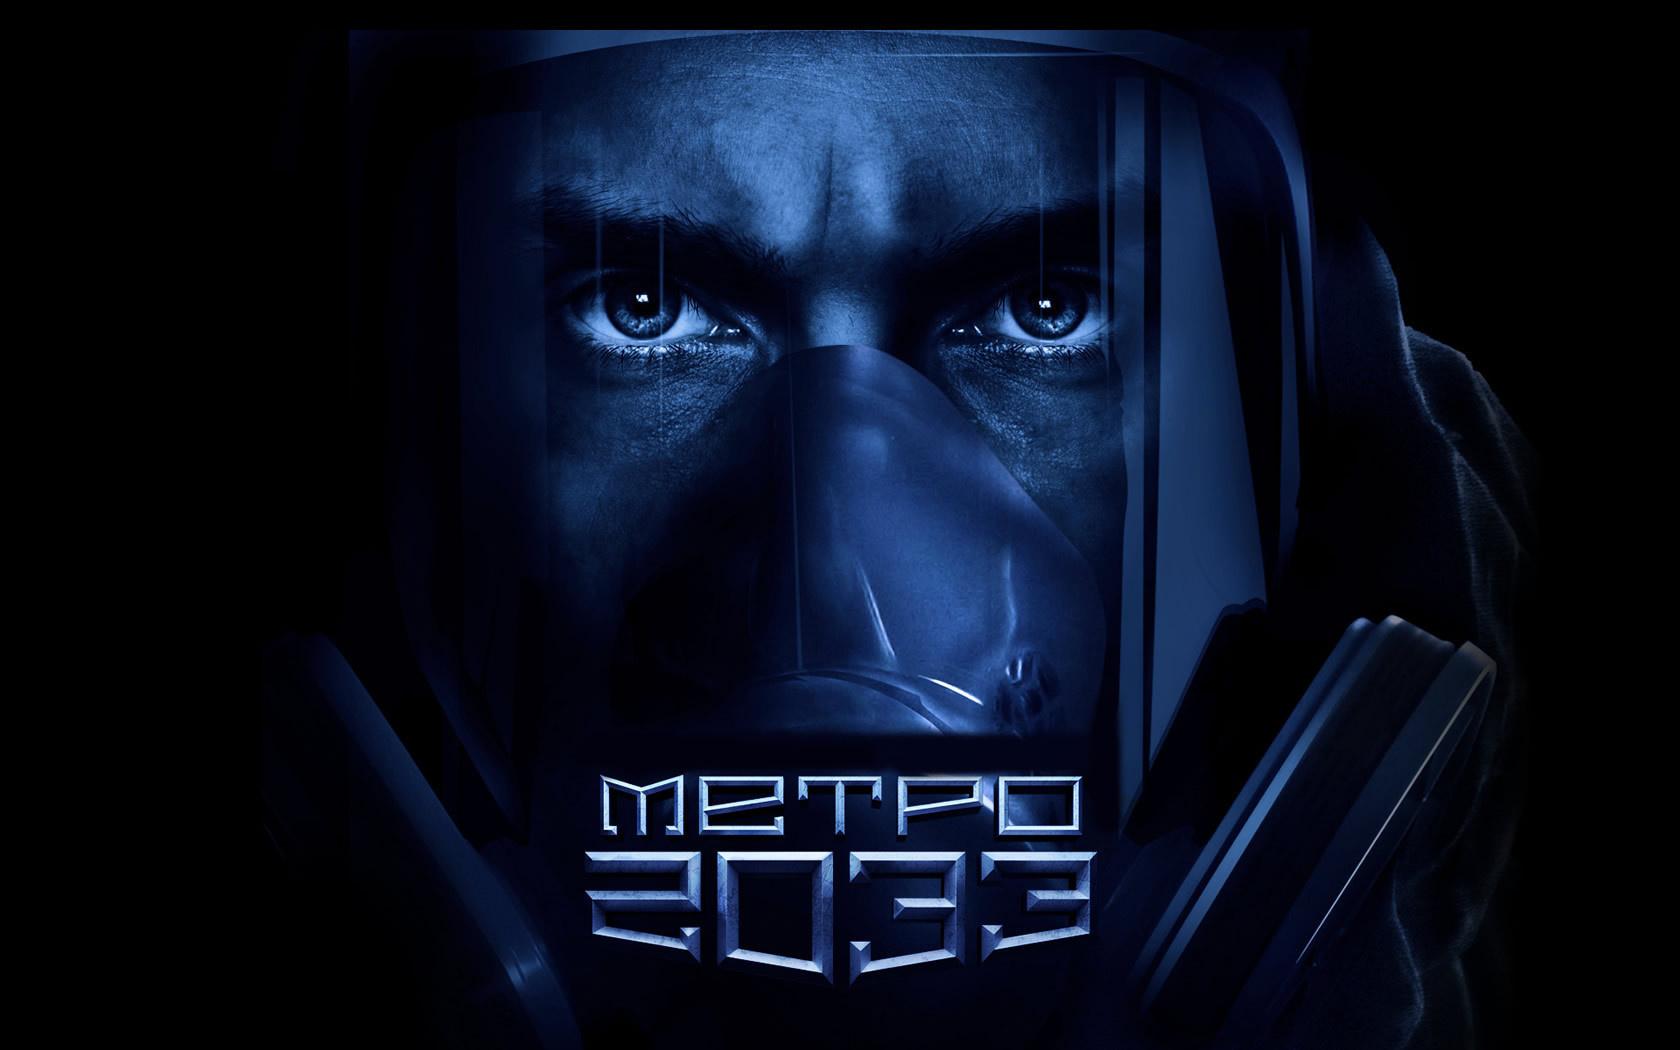 Метро 2033, metro 2033, 2033, маска обои скачать